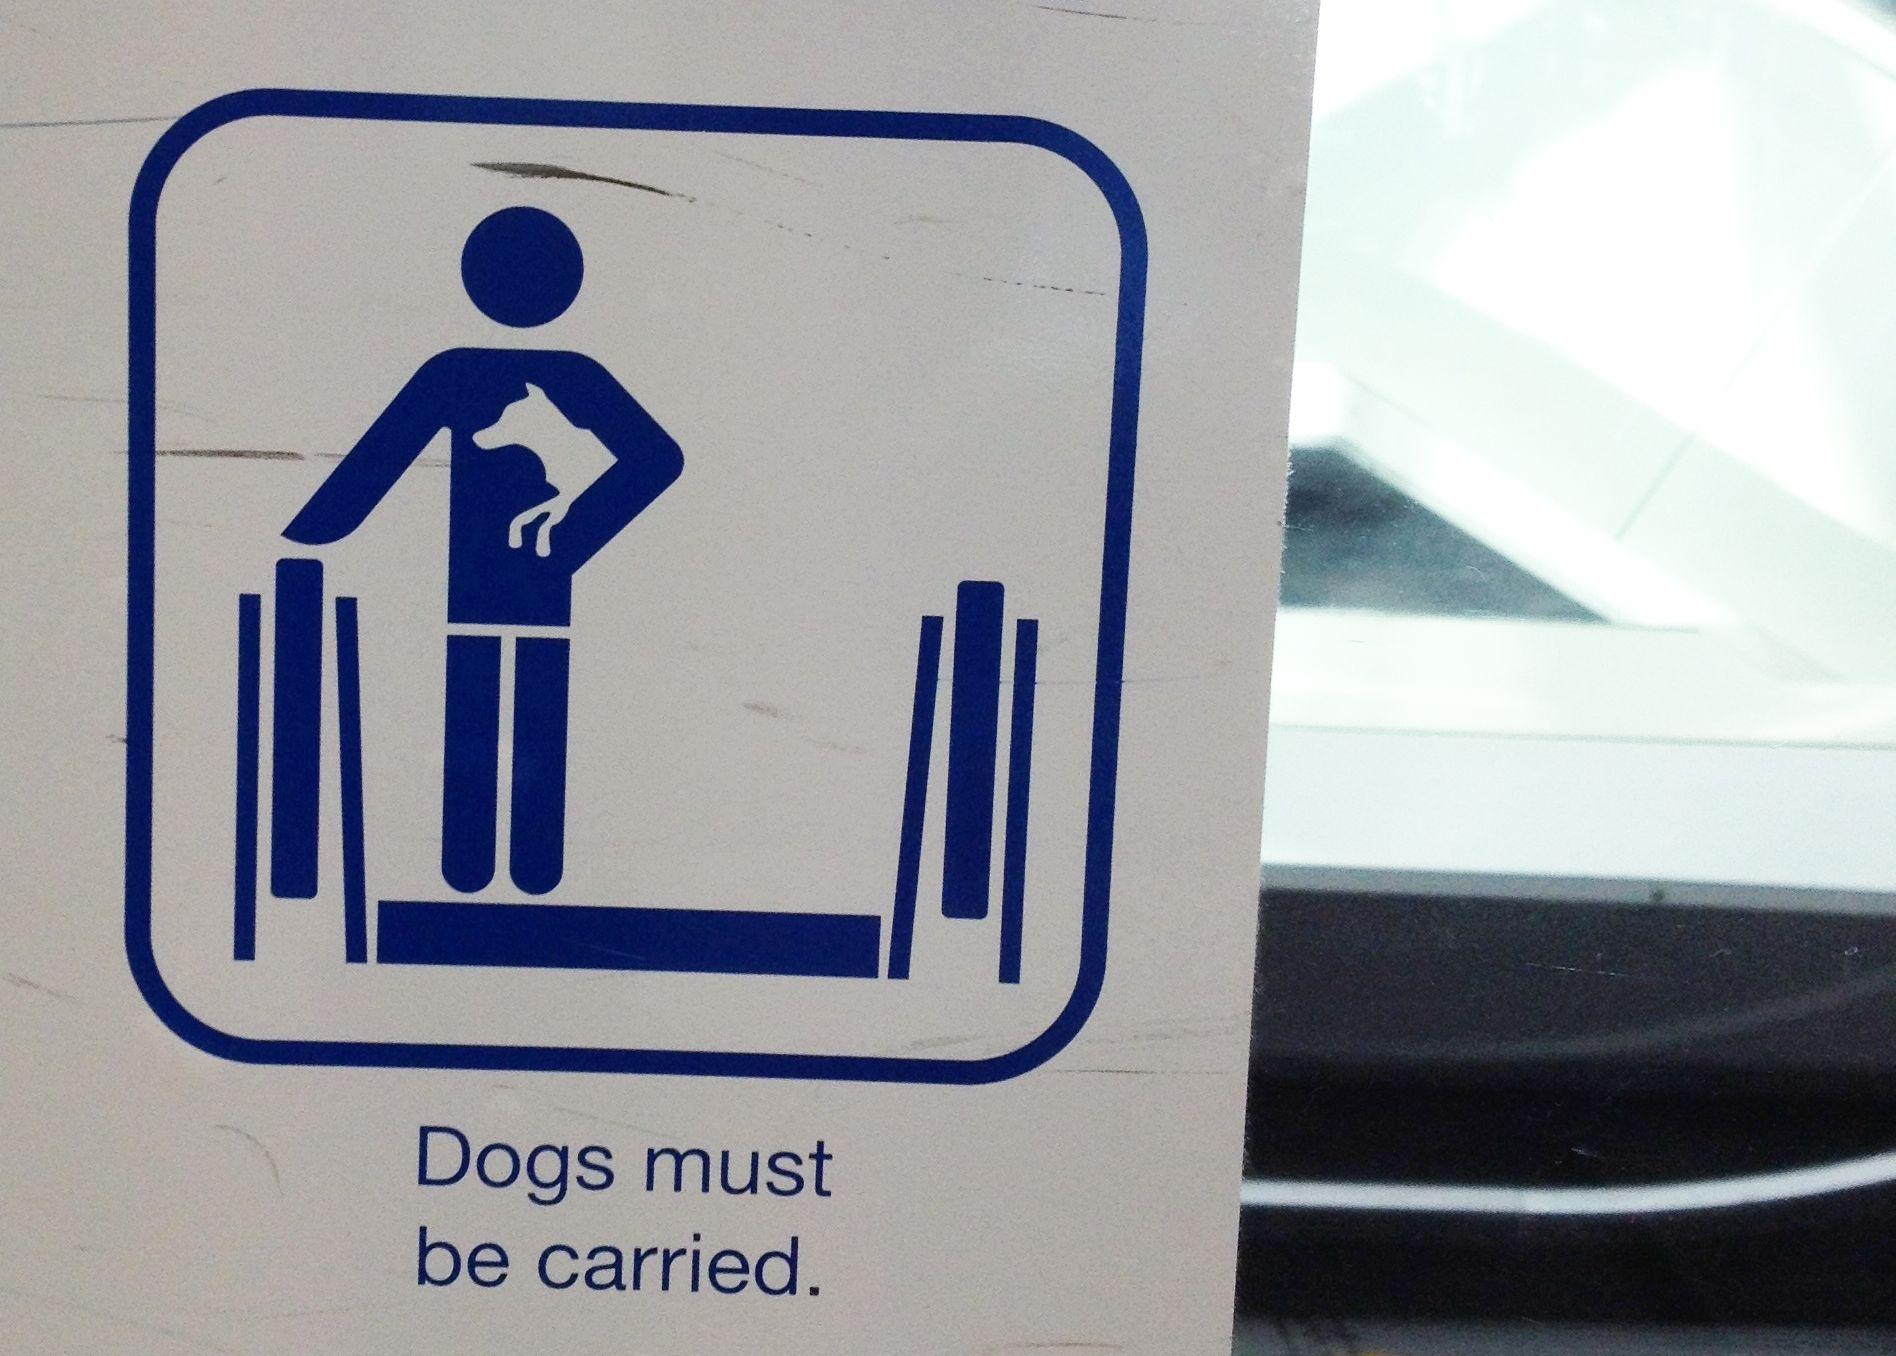 Sulle scale mobili tenere i cani in braccio